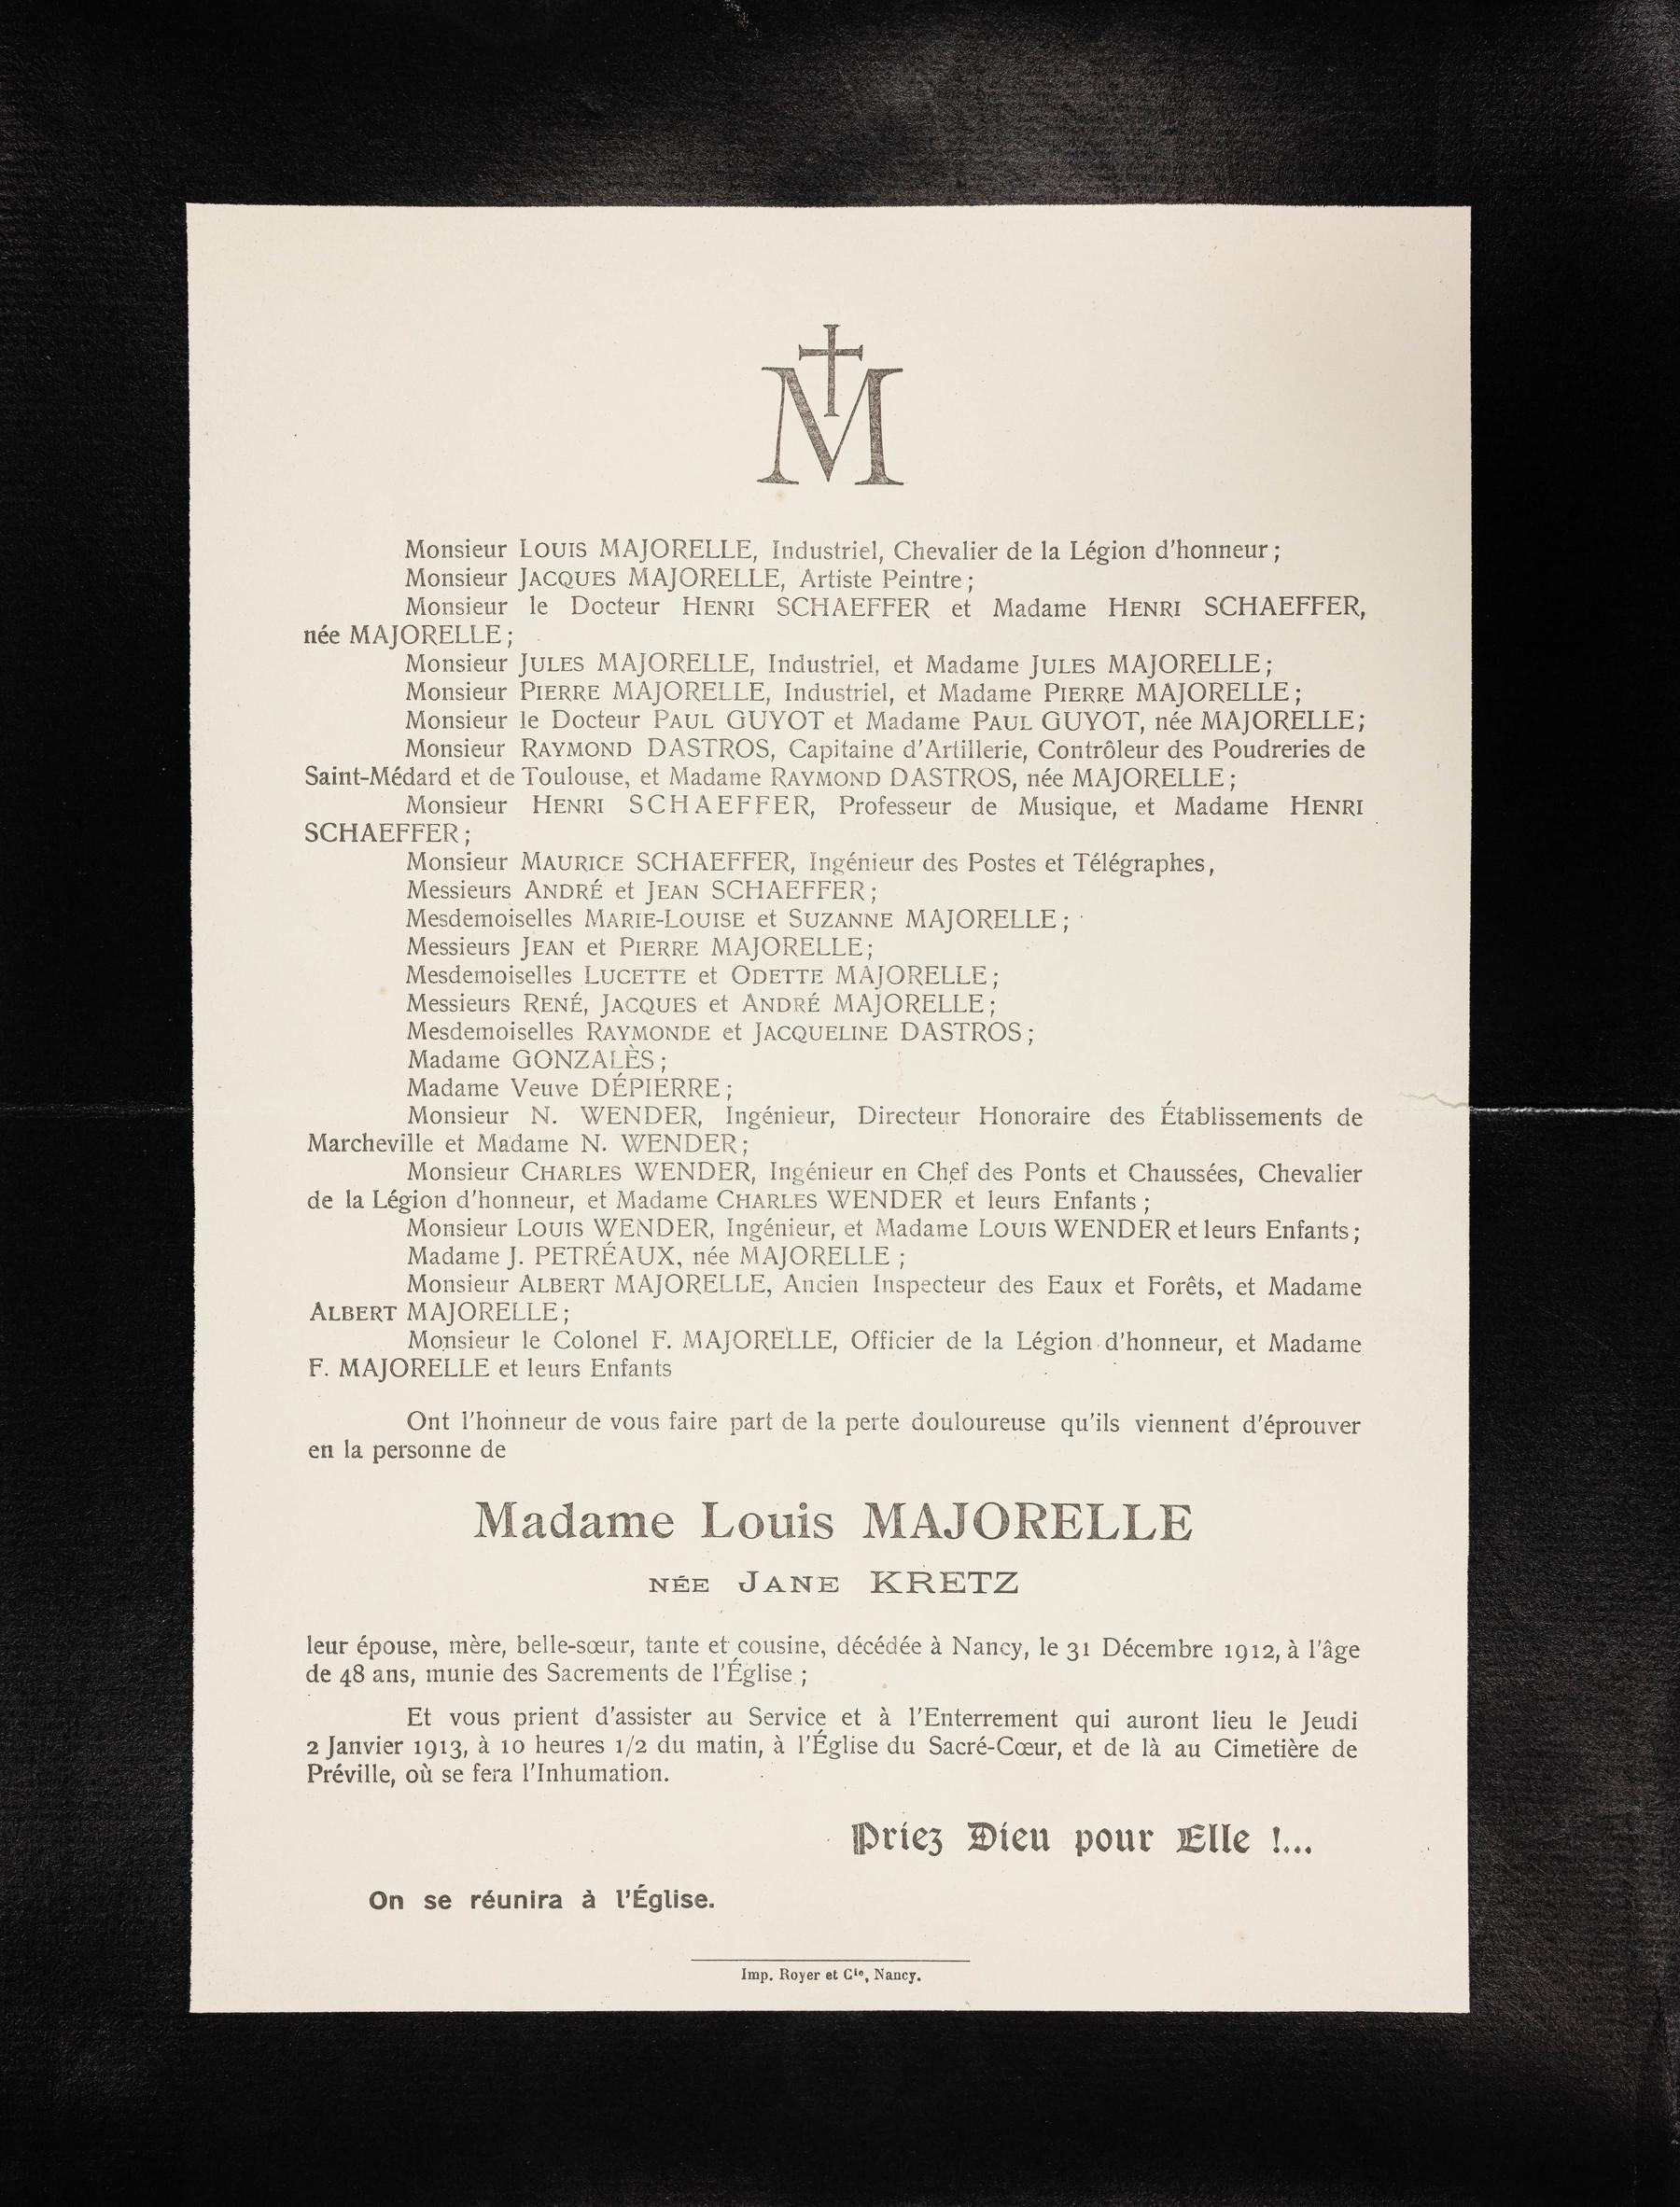 Contenu du Faire part de décès de Madame Louis Majorelle née Jane Kretz